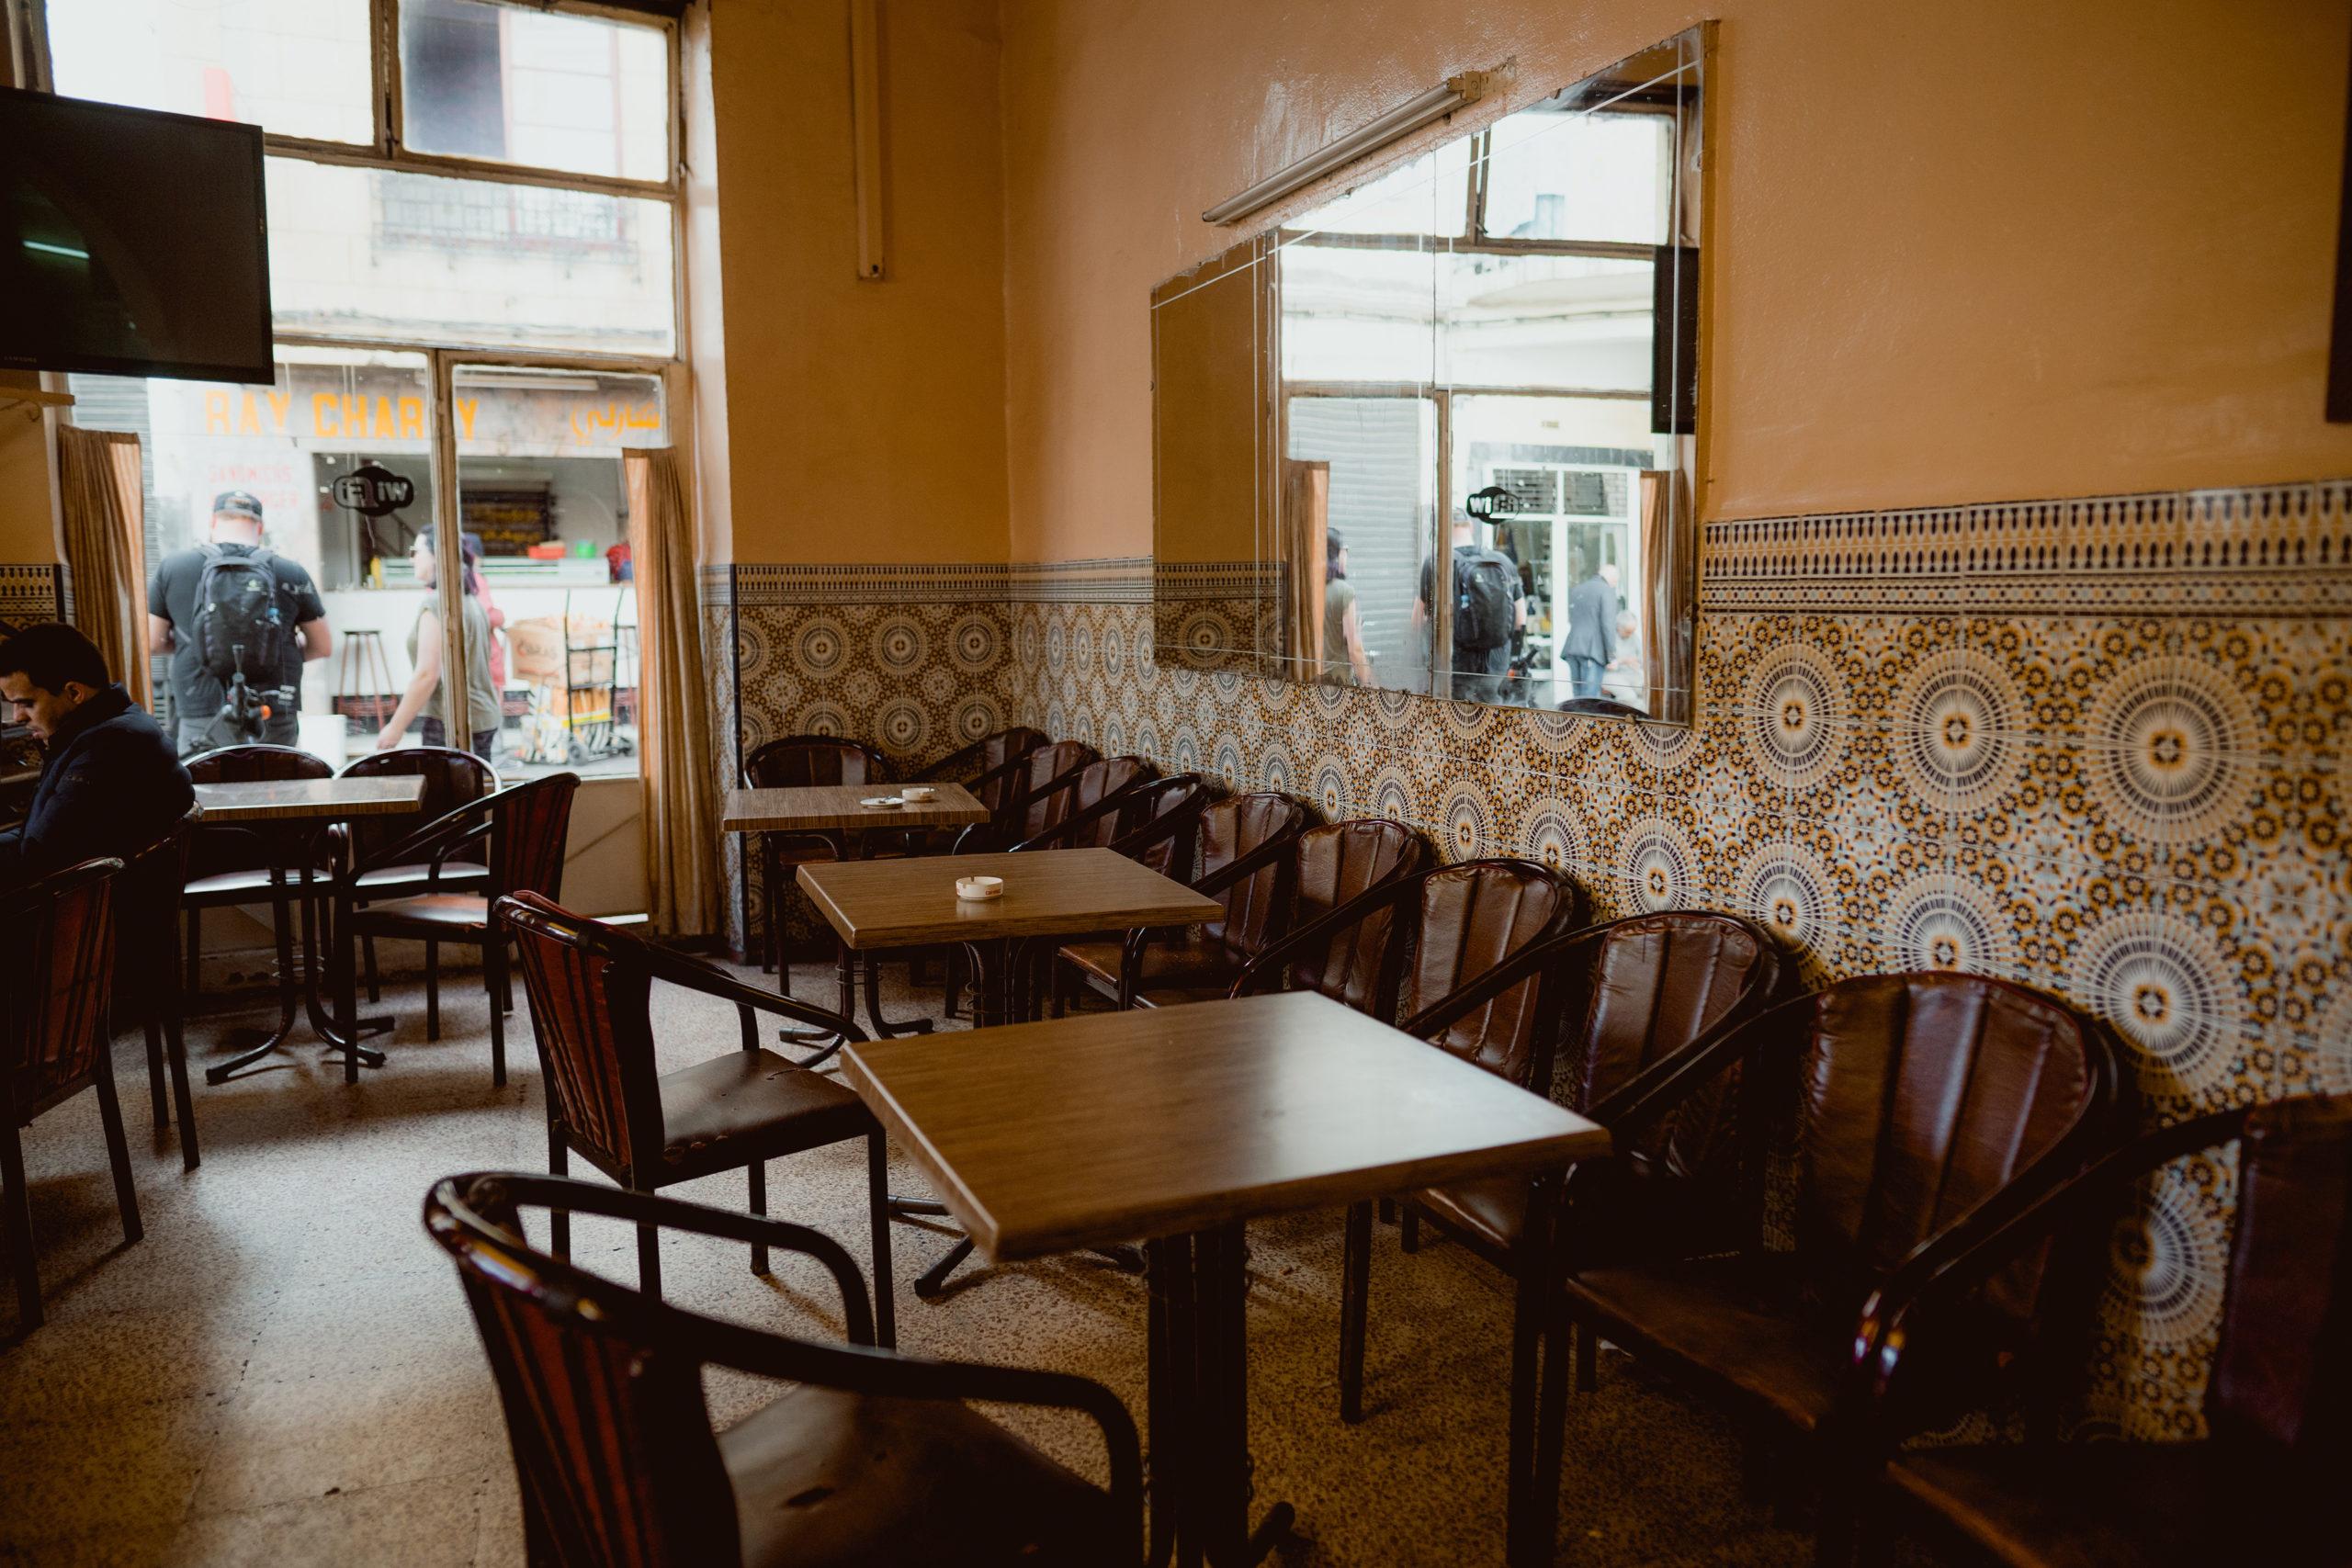 The inside of Café Tingis.